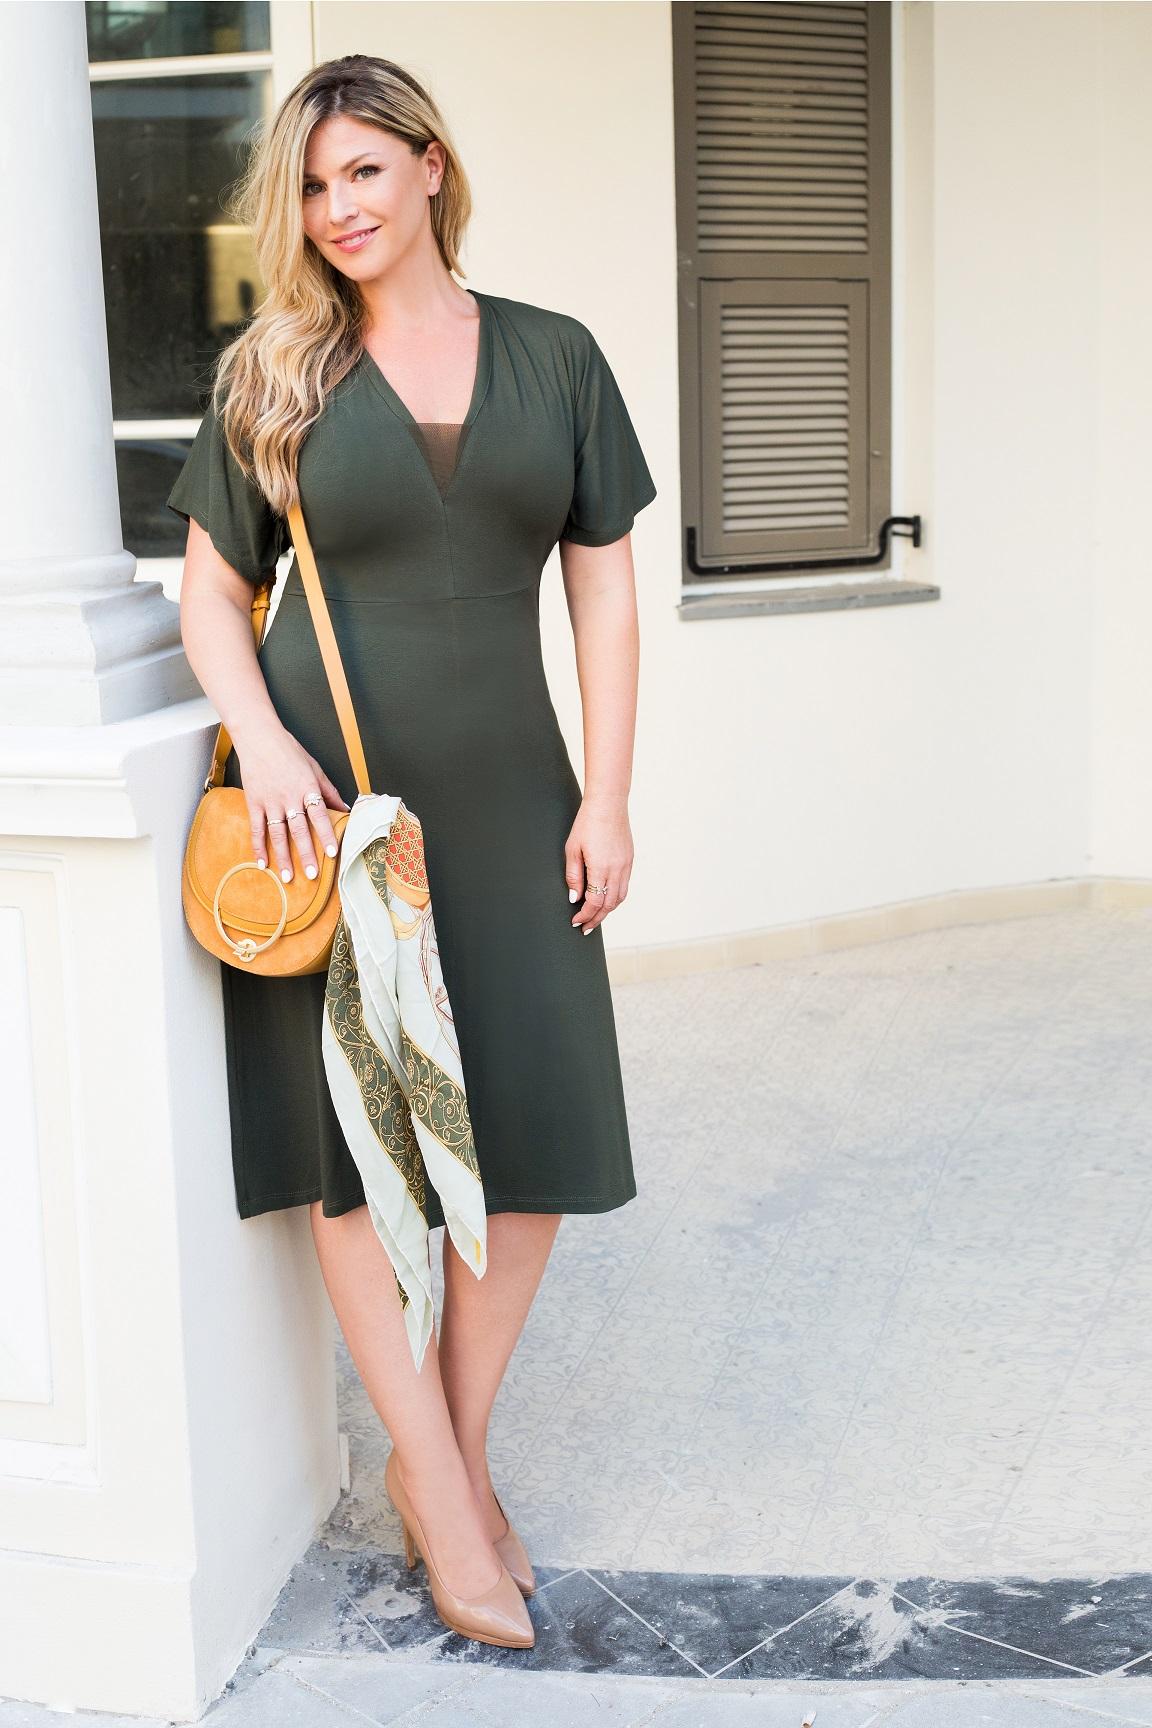 סנדרה רינגלר למתאים לי שמלה ירוקה מפתח וי 379שח צילום עמיר צוק